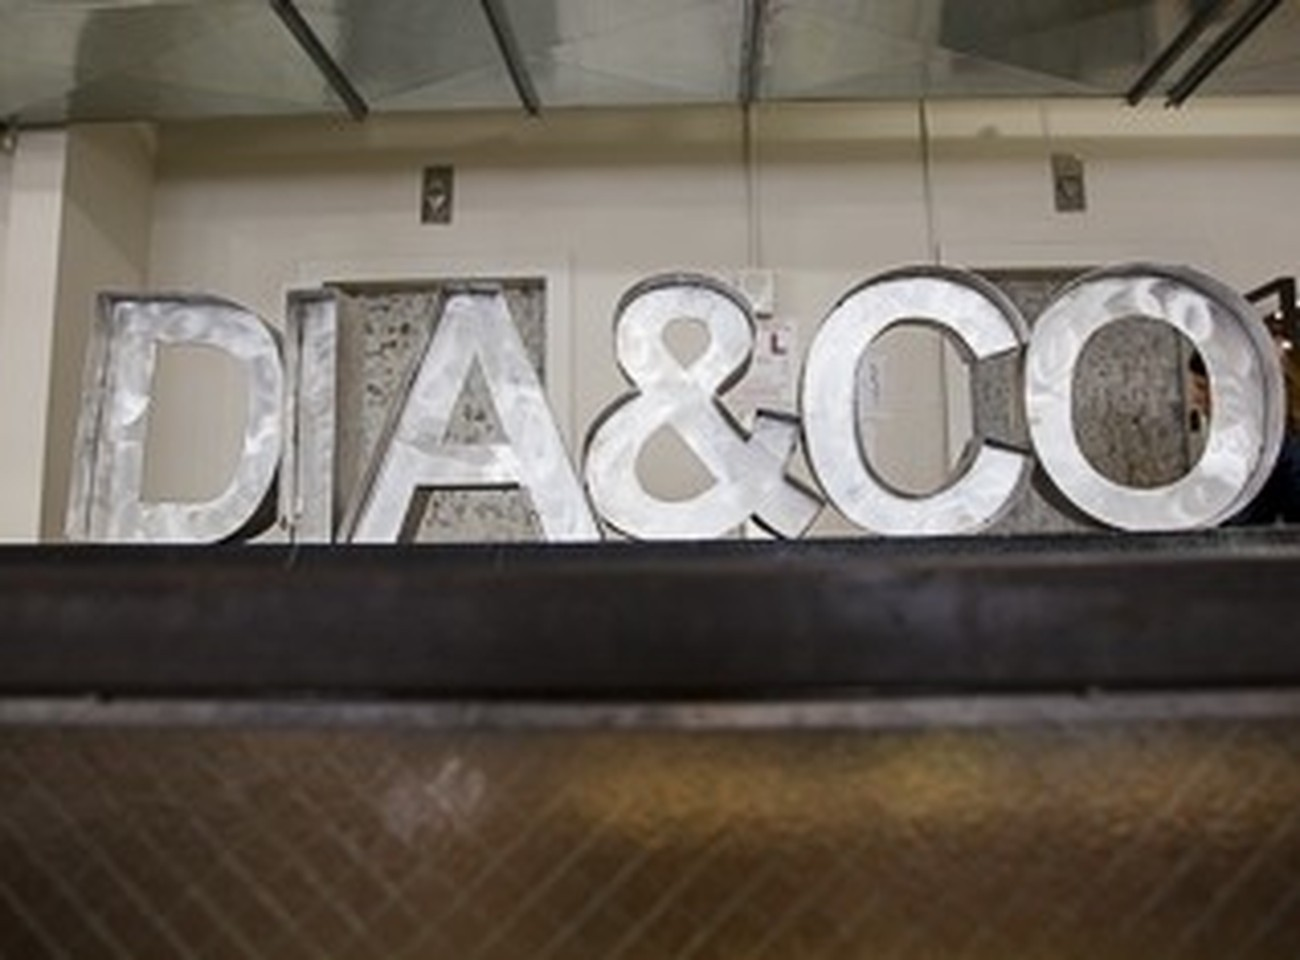 Dia&Co Careers